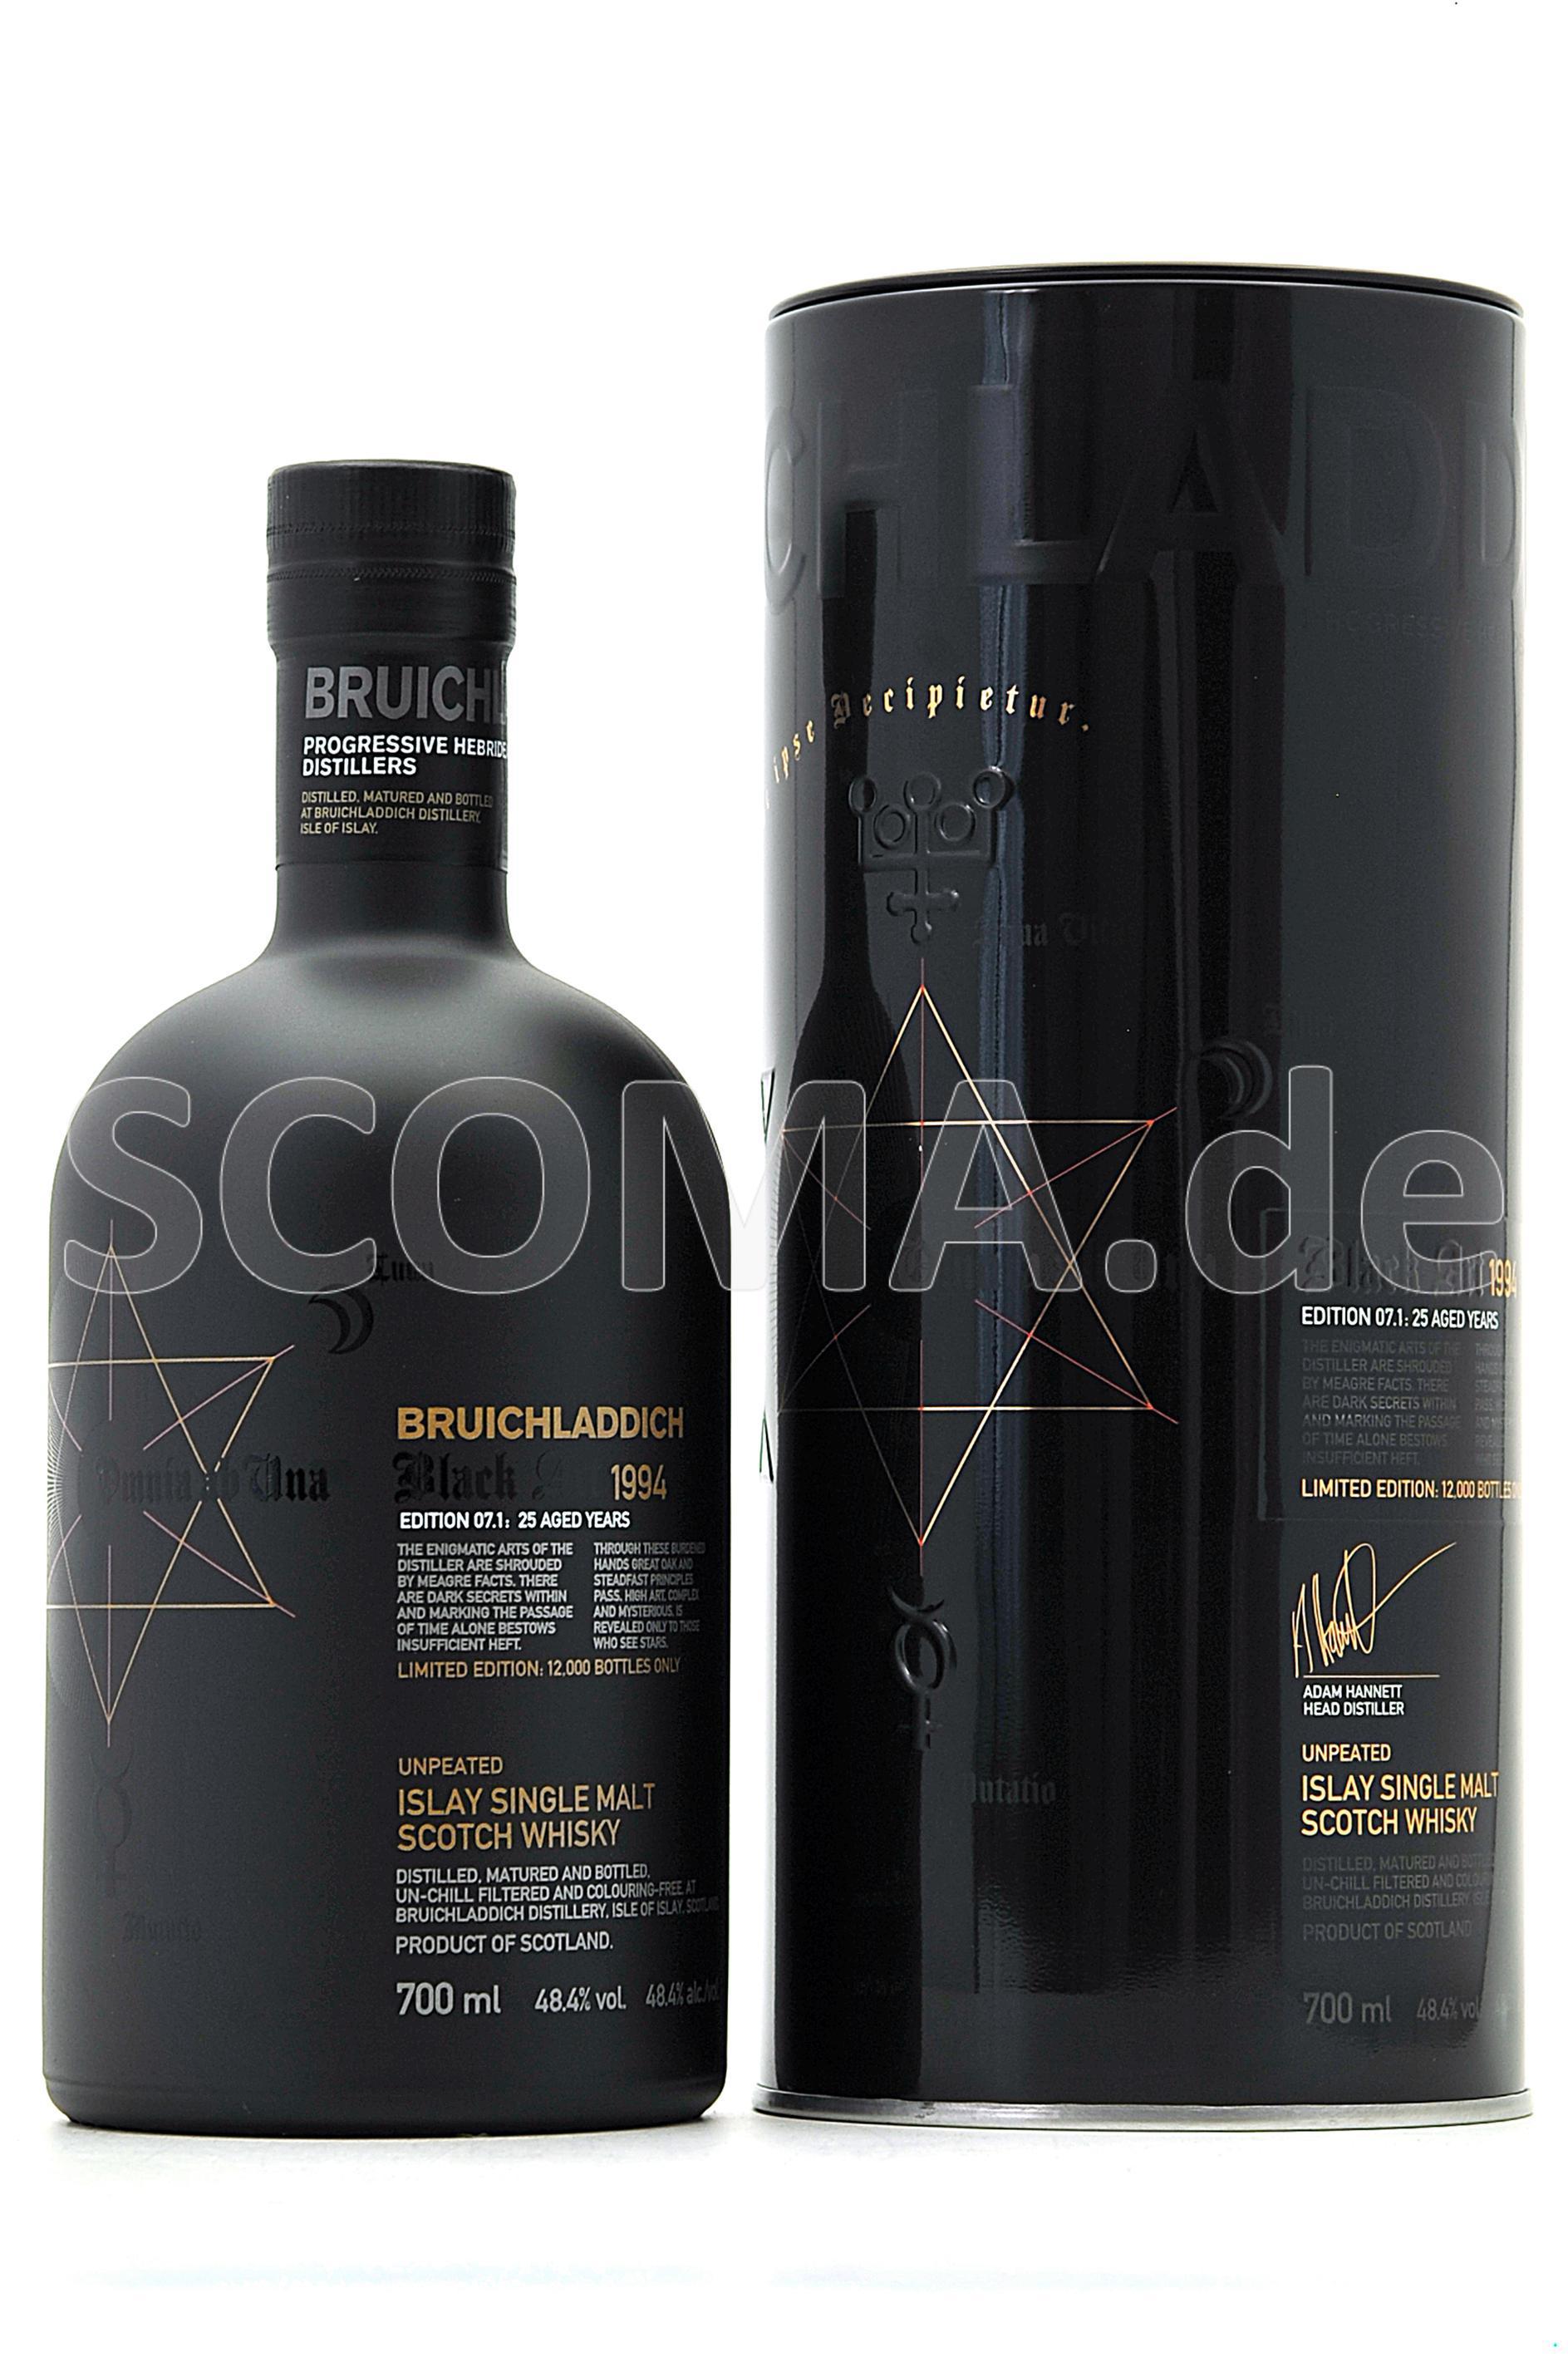 Bruichladdich 2003/2017 Bourbo...